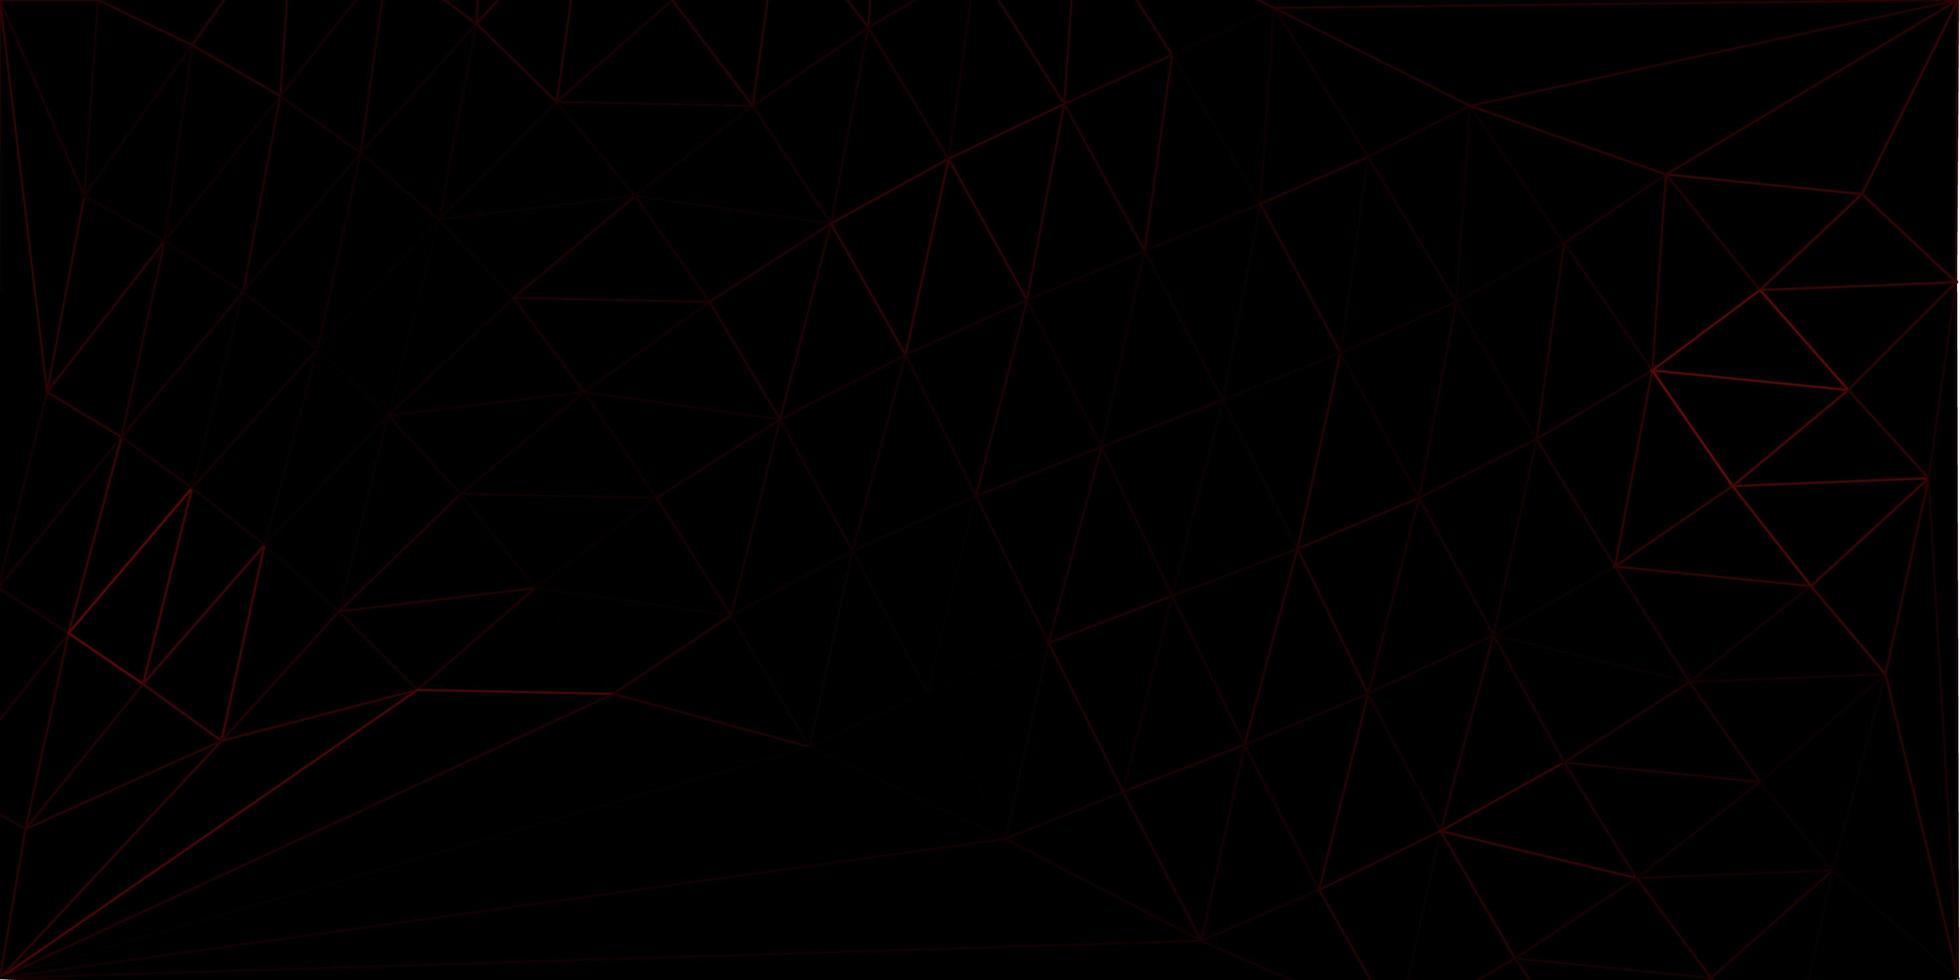 papel de parede poligonal geométrico de vetor vermelho escuro.